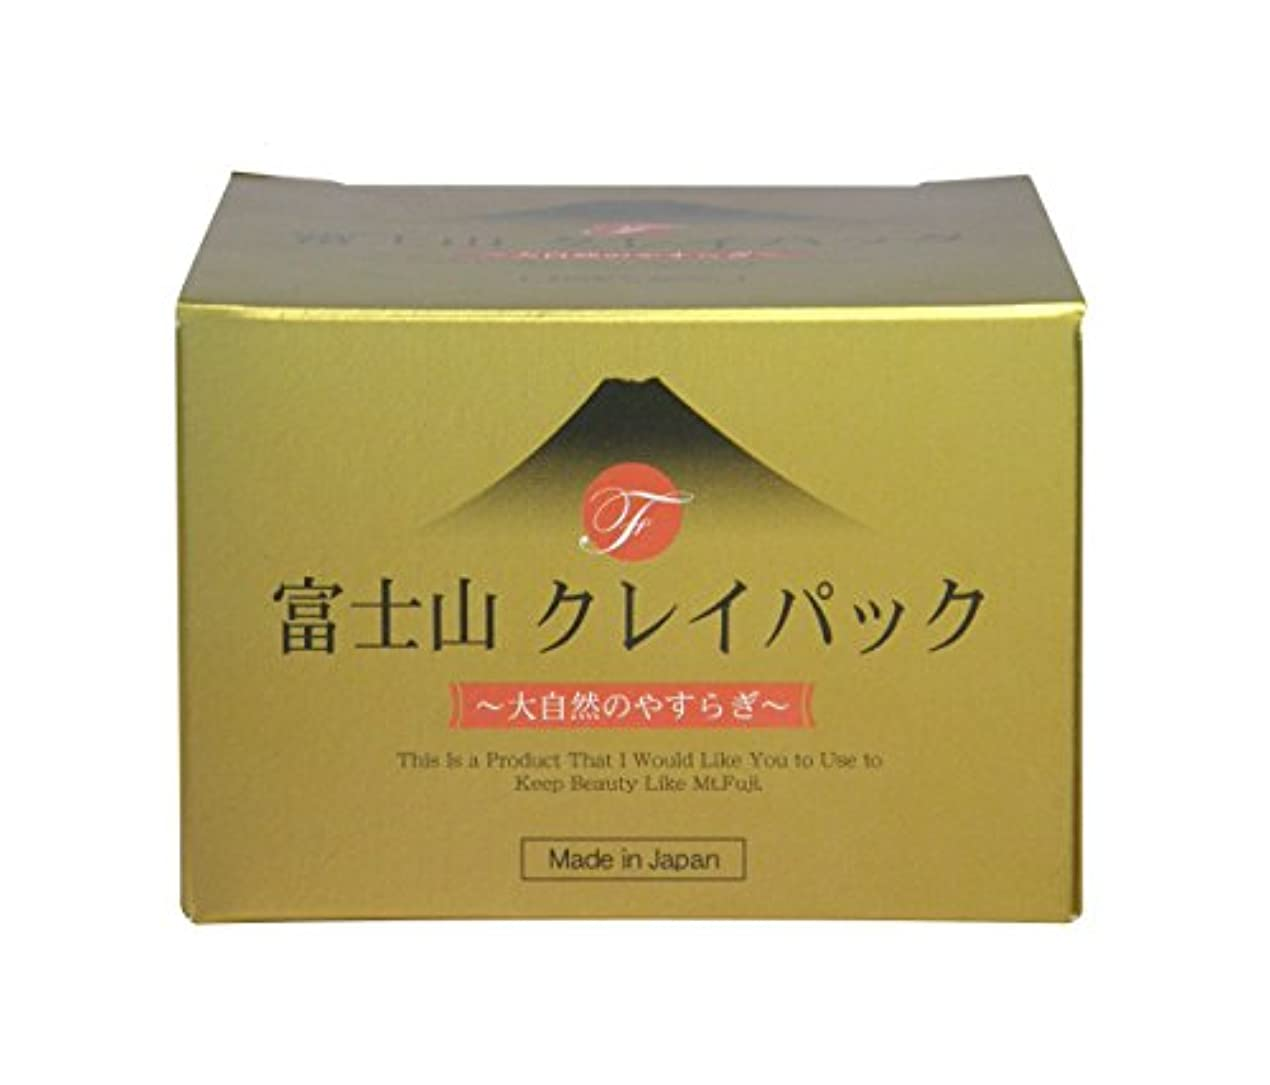 原稿変形するハイキング富士山 クレイパック 130g